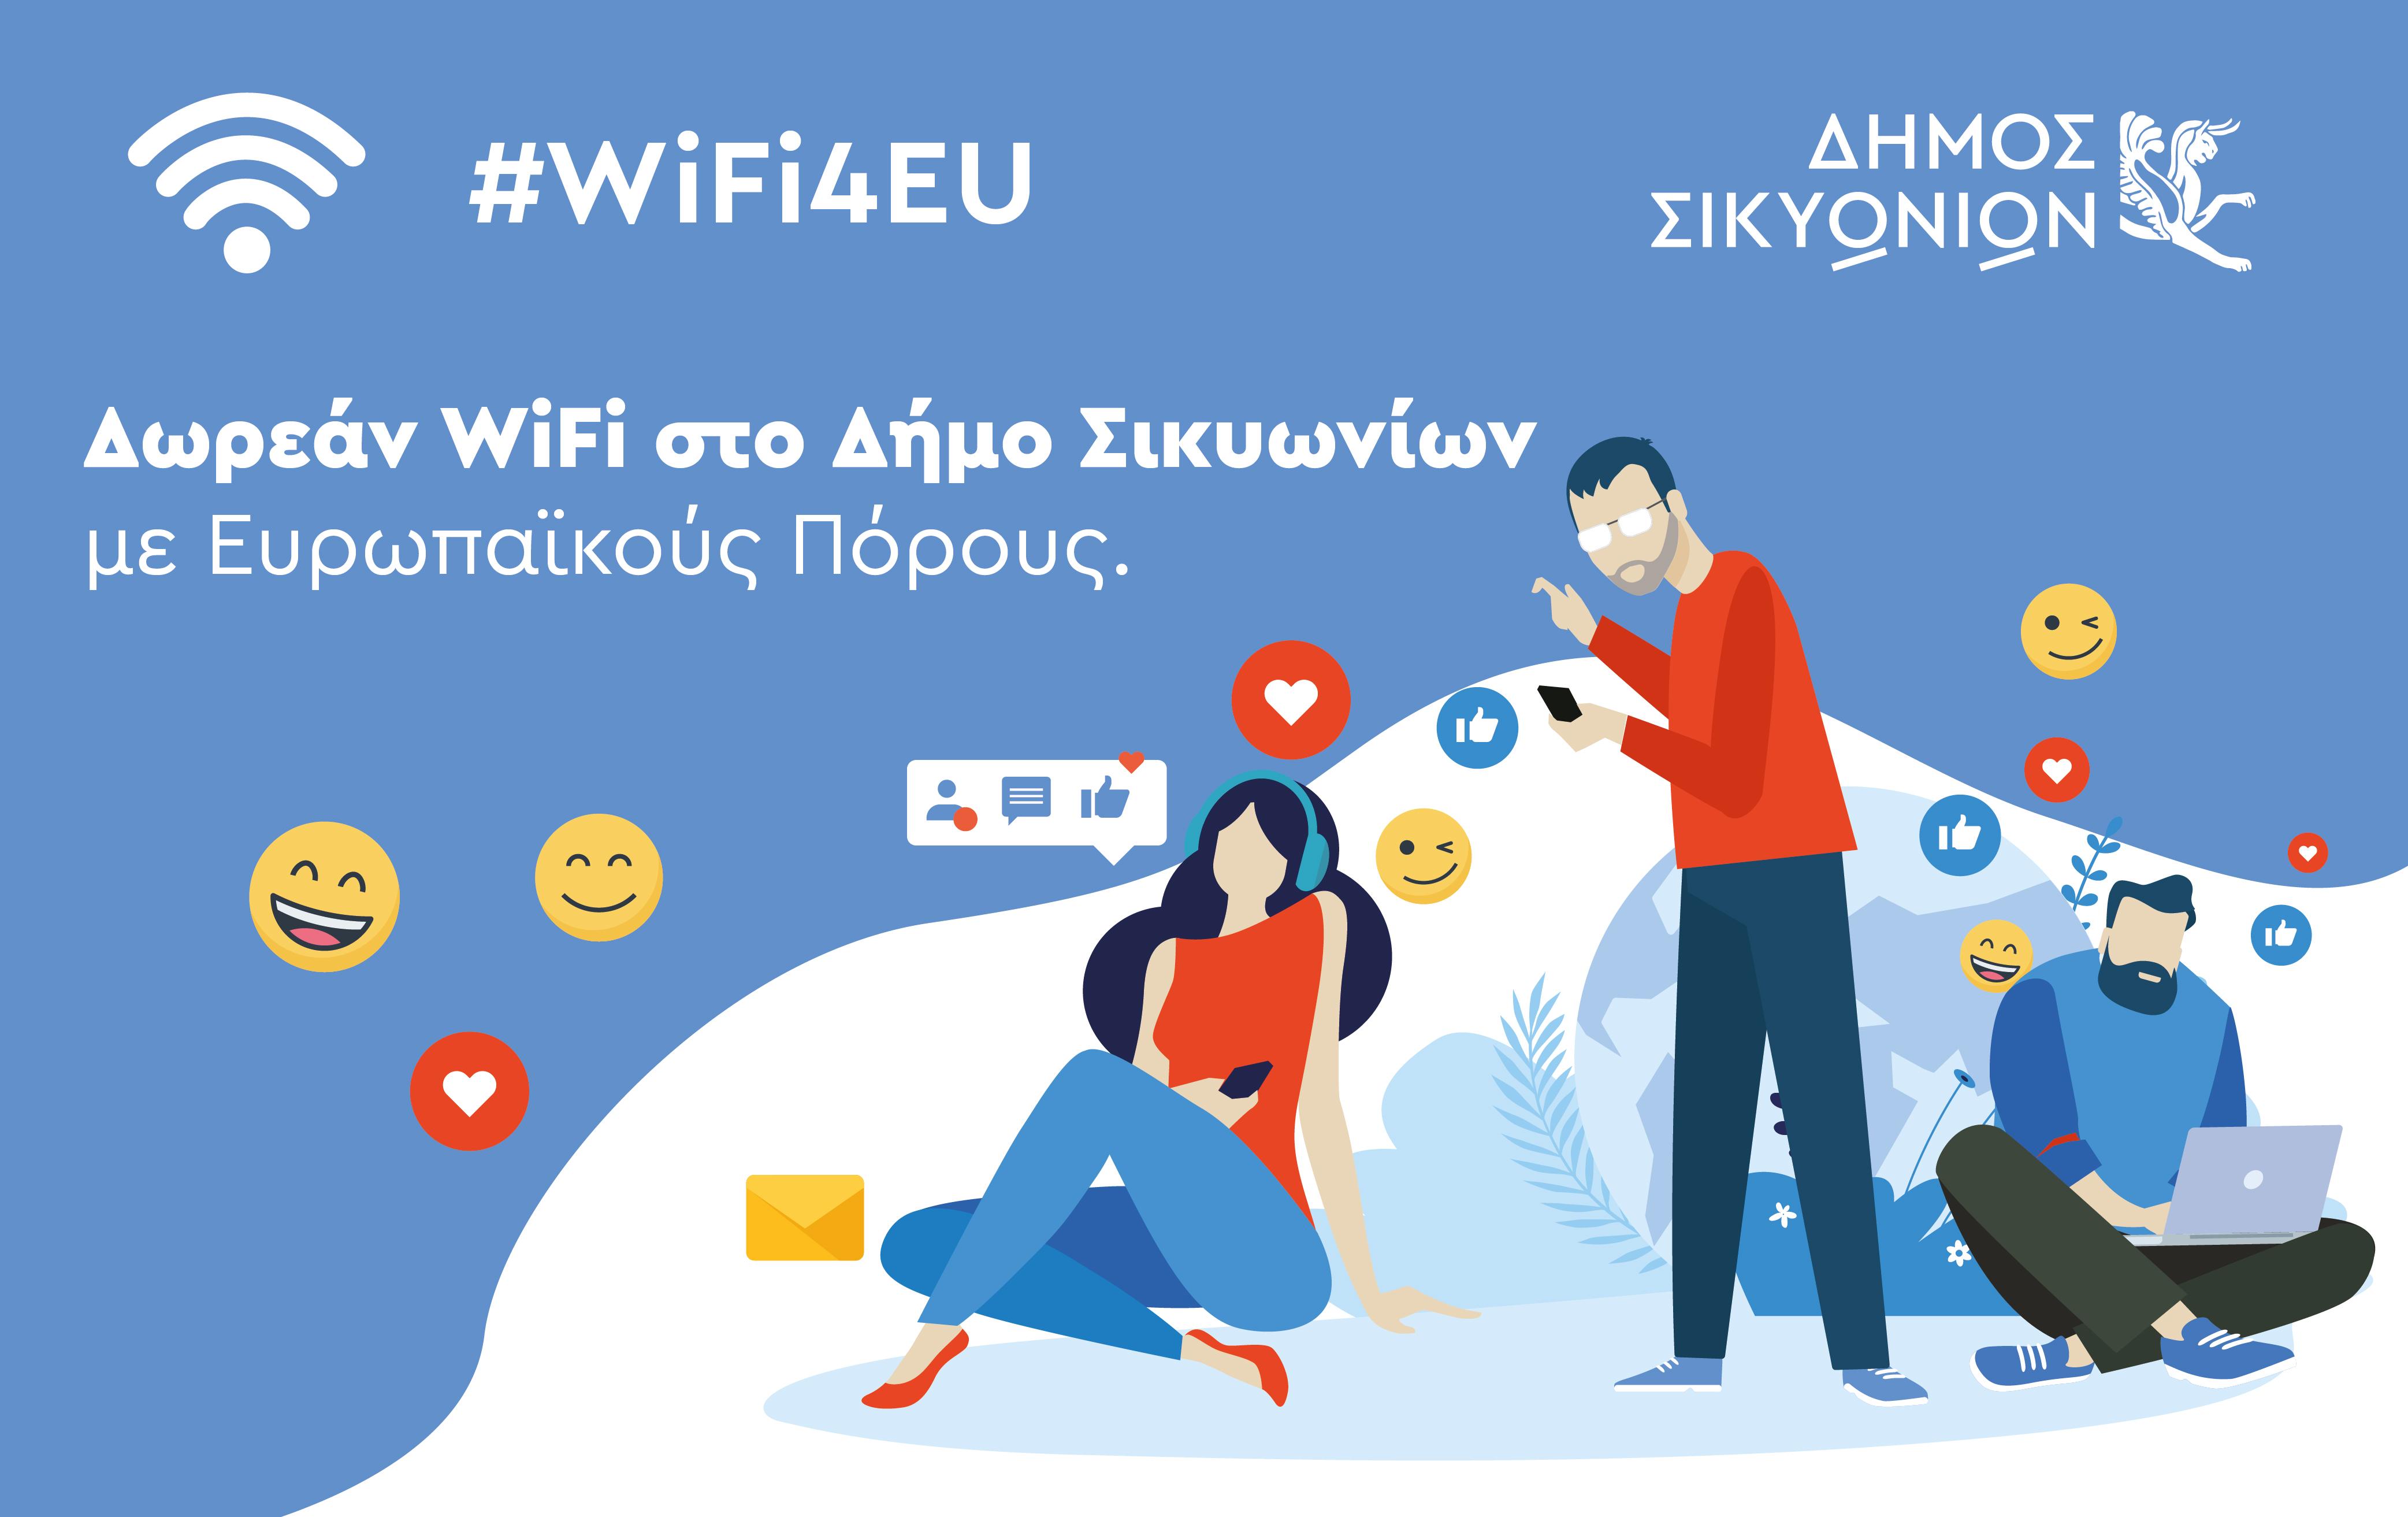 Δωρεάν WiFi στο Δήμο Σικυωνίων με Ευρωπαϊκούς Πόρους